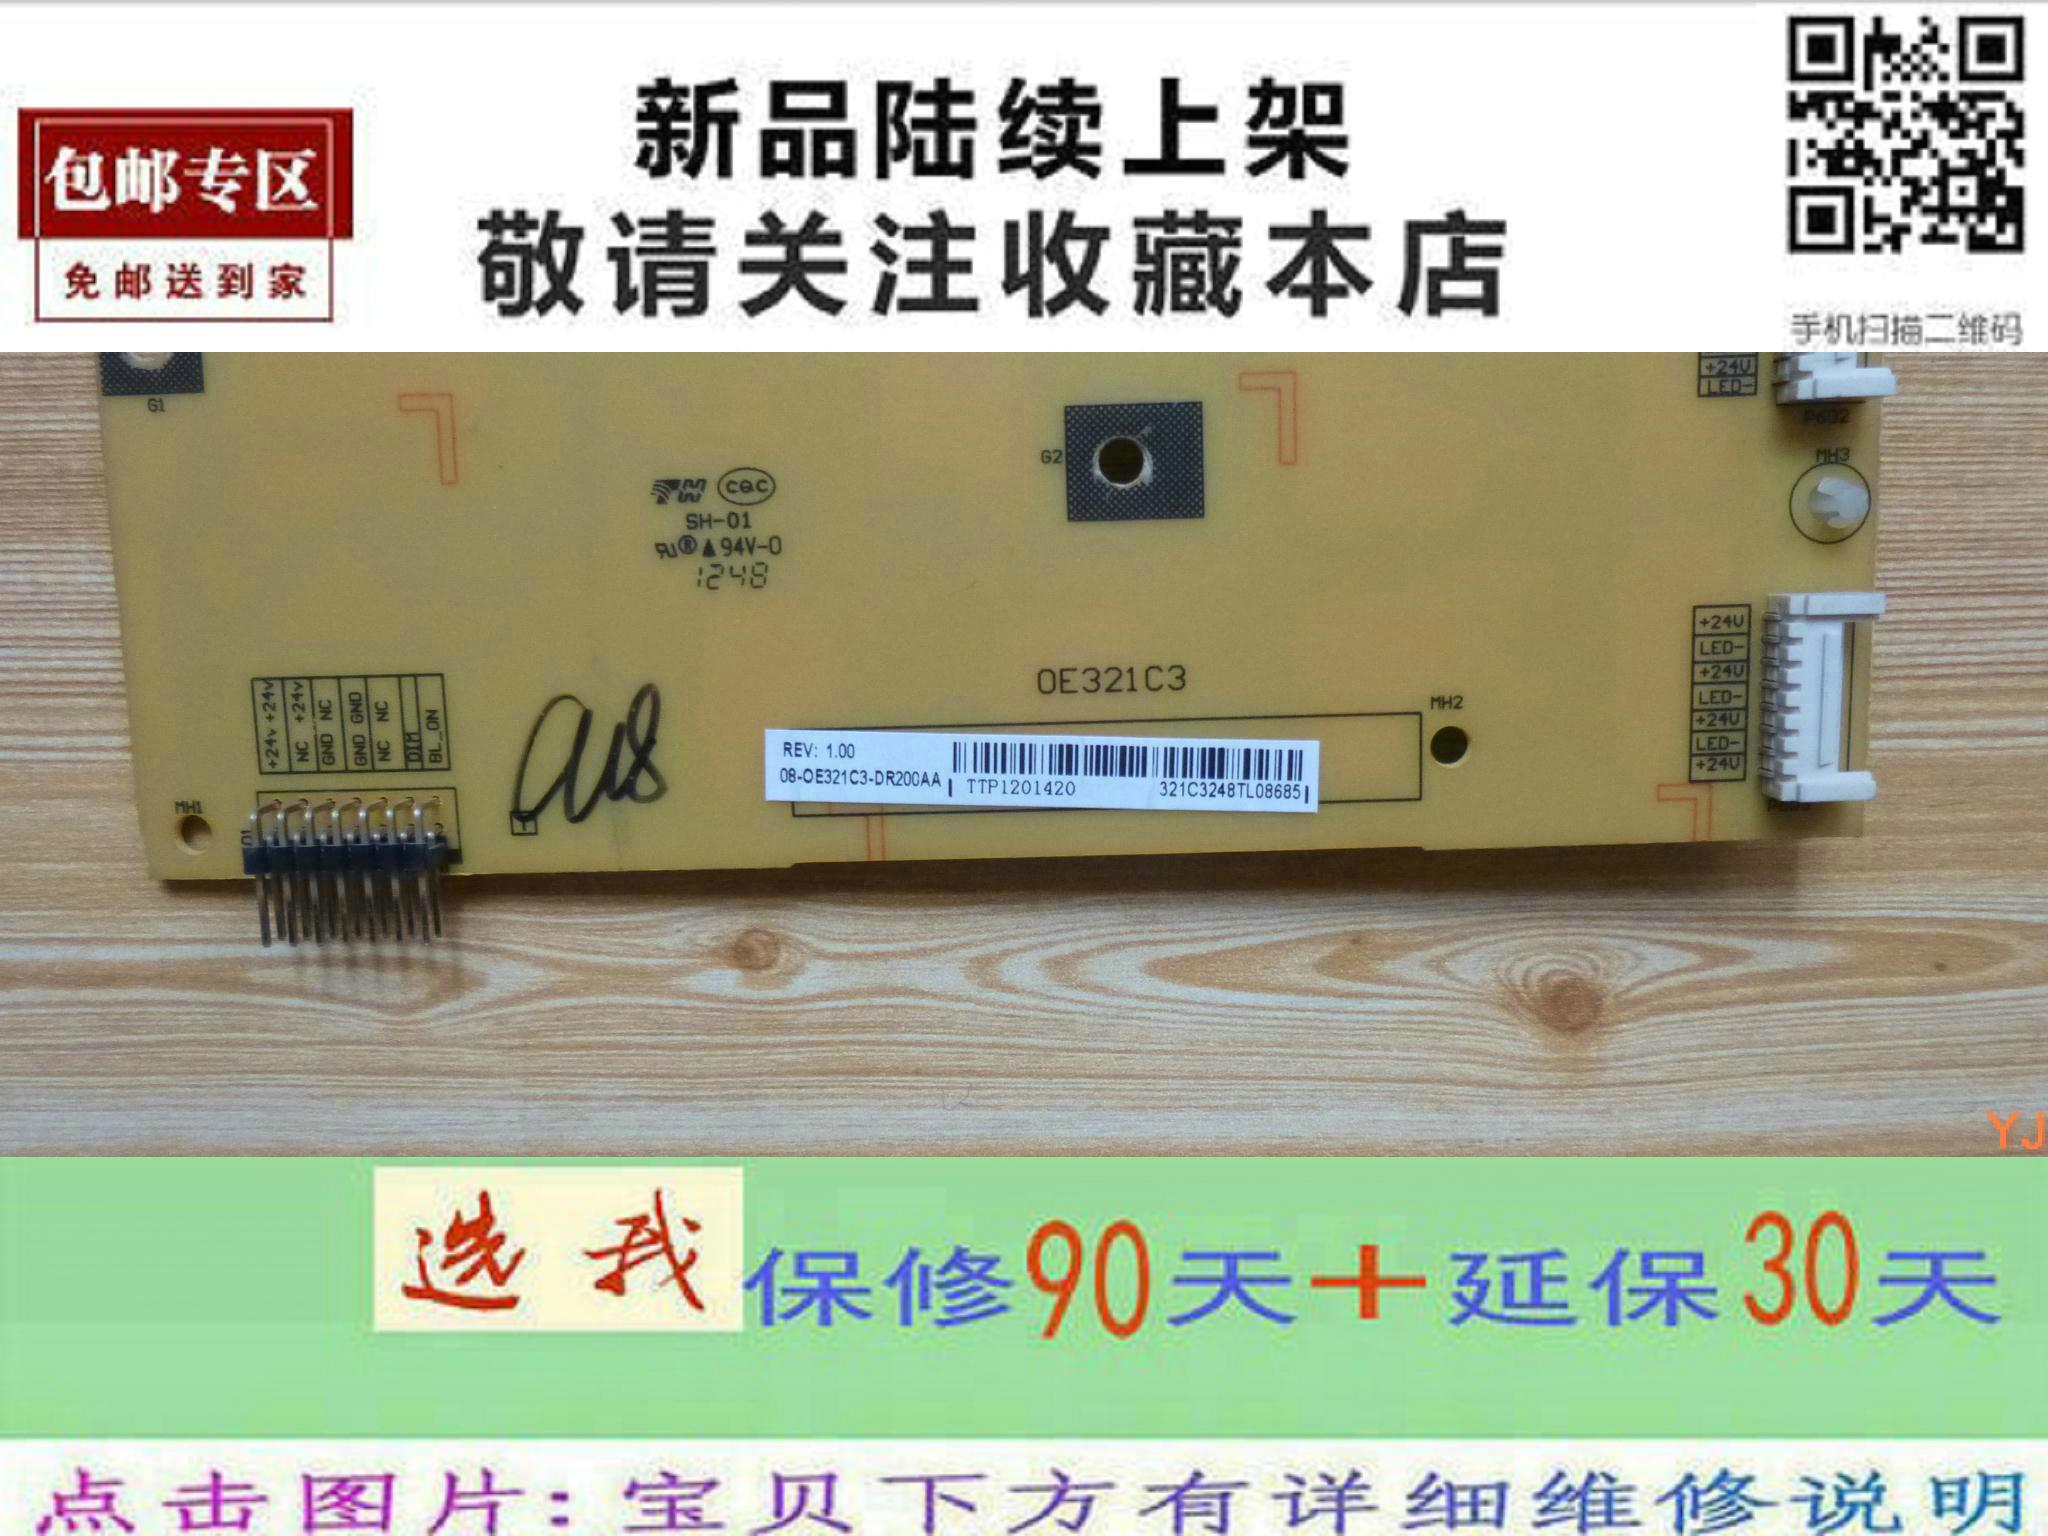 32 pouces TCLL32F2370B de rétroéclairage LCD TV haute tension à courant constant HL254 solidaire de la plaque de levage